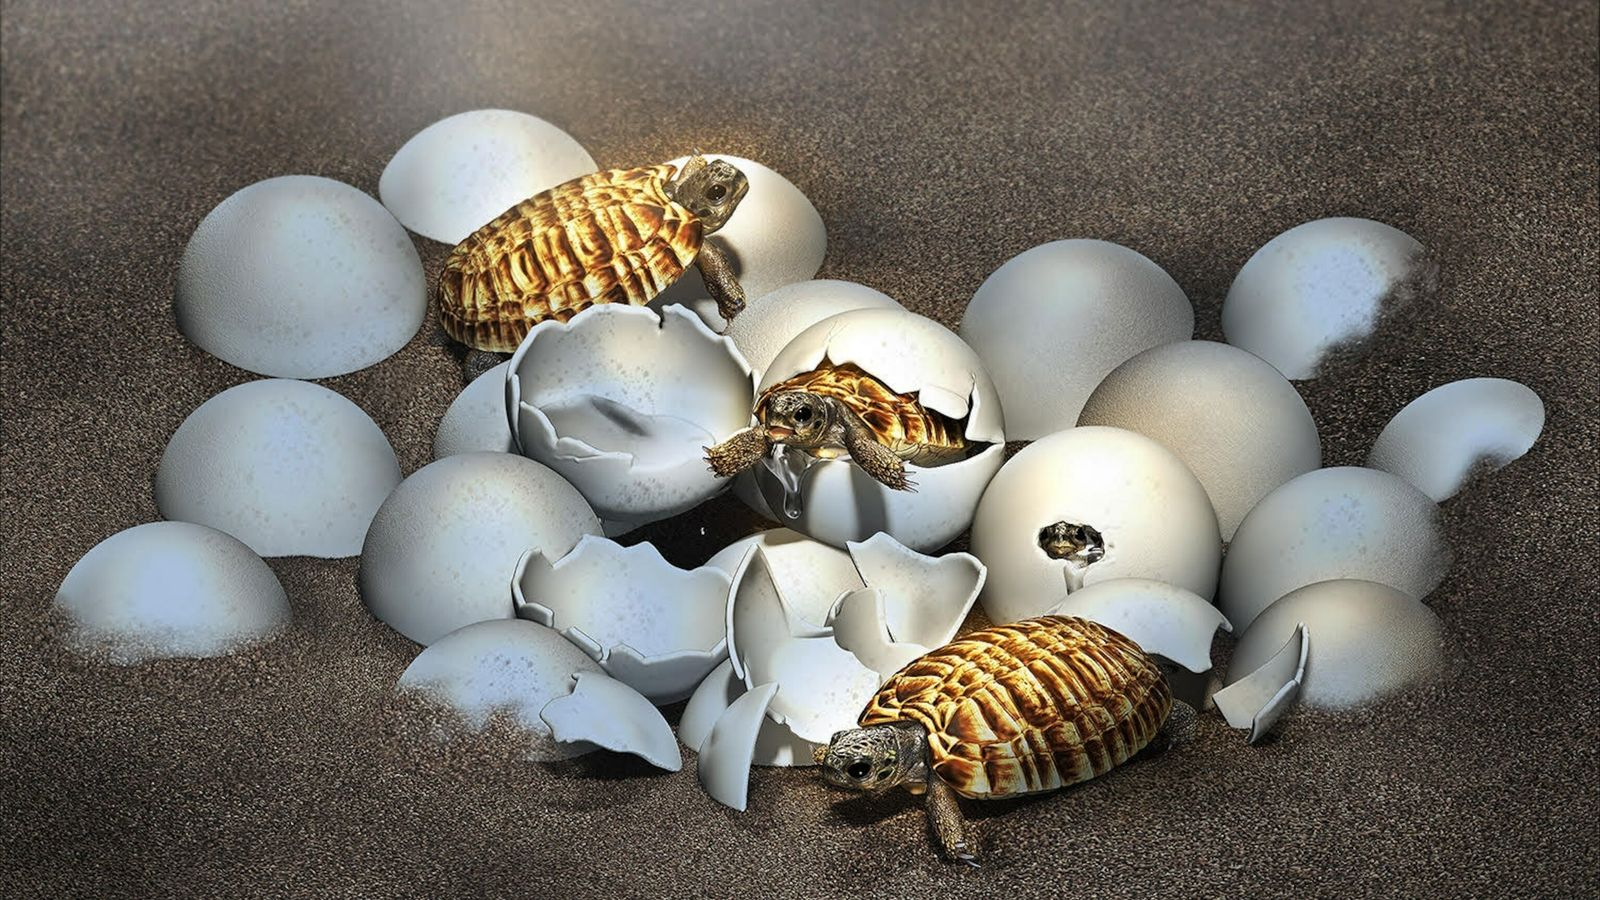 Um ovo fossilizado encontrado na China revelou uma surpresa no seu interior: o embrião de uma ...